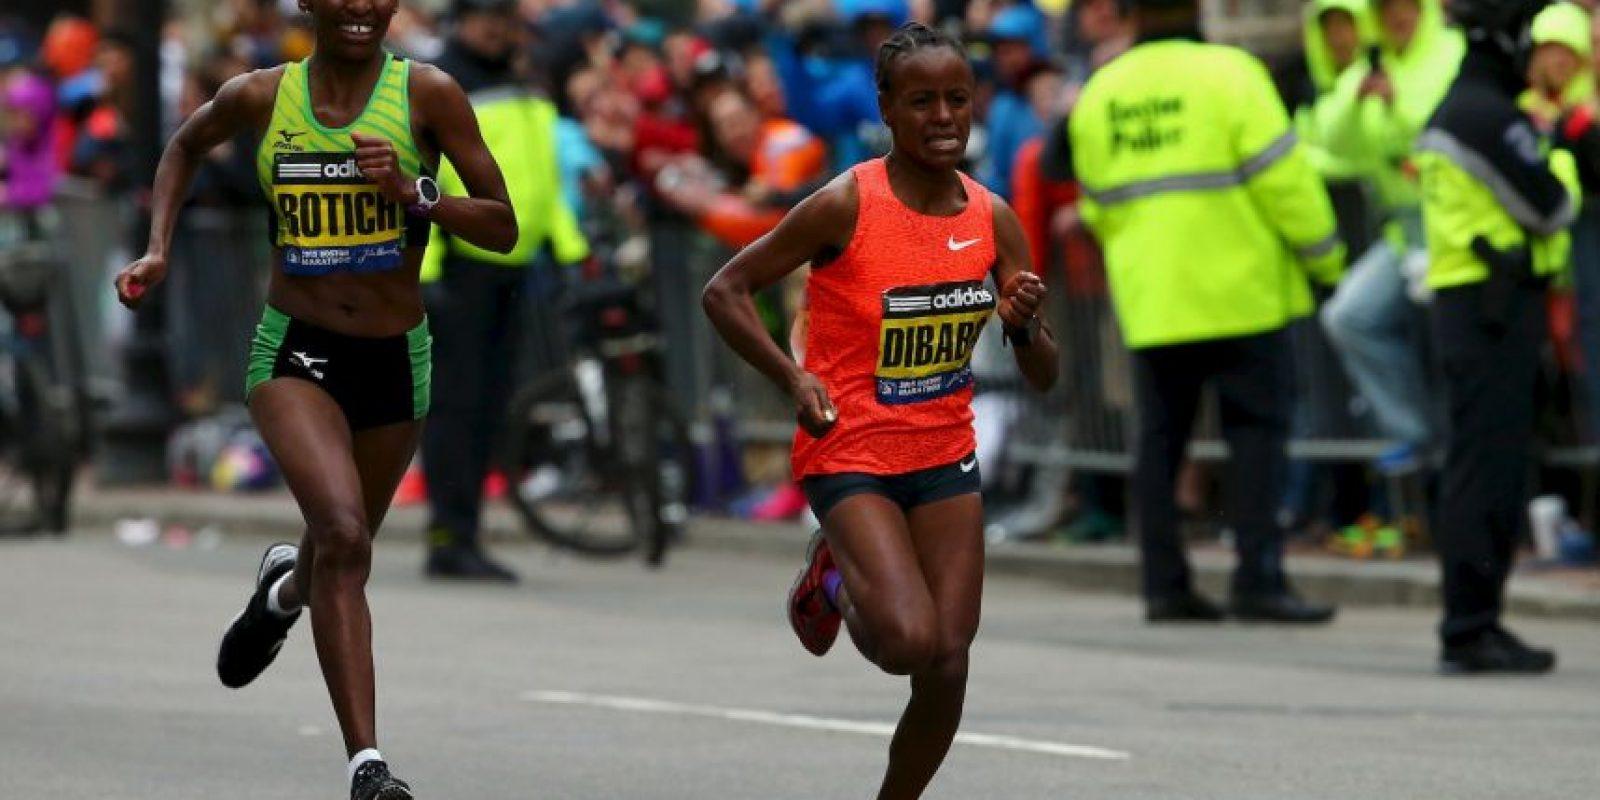 La carrera se corre desde Hopkinton a Boston. Foto:Getty Images